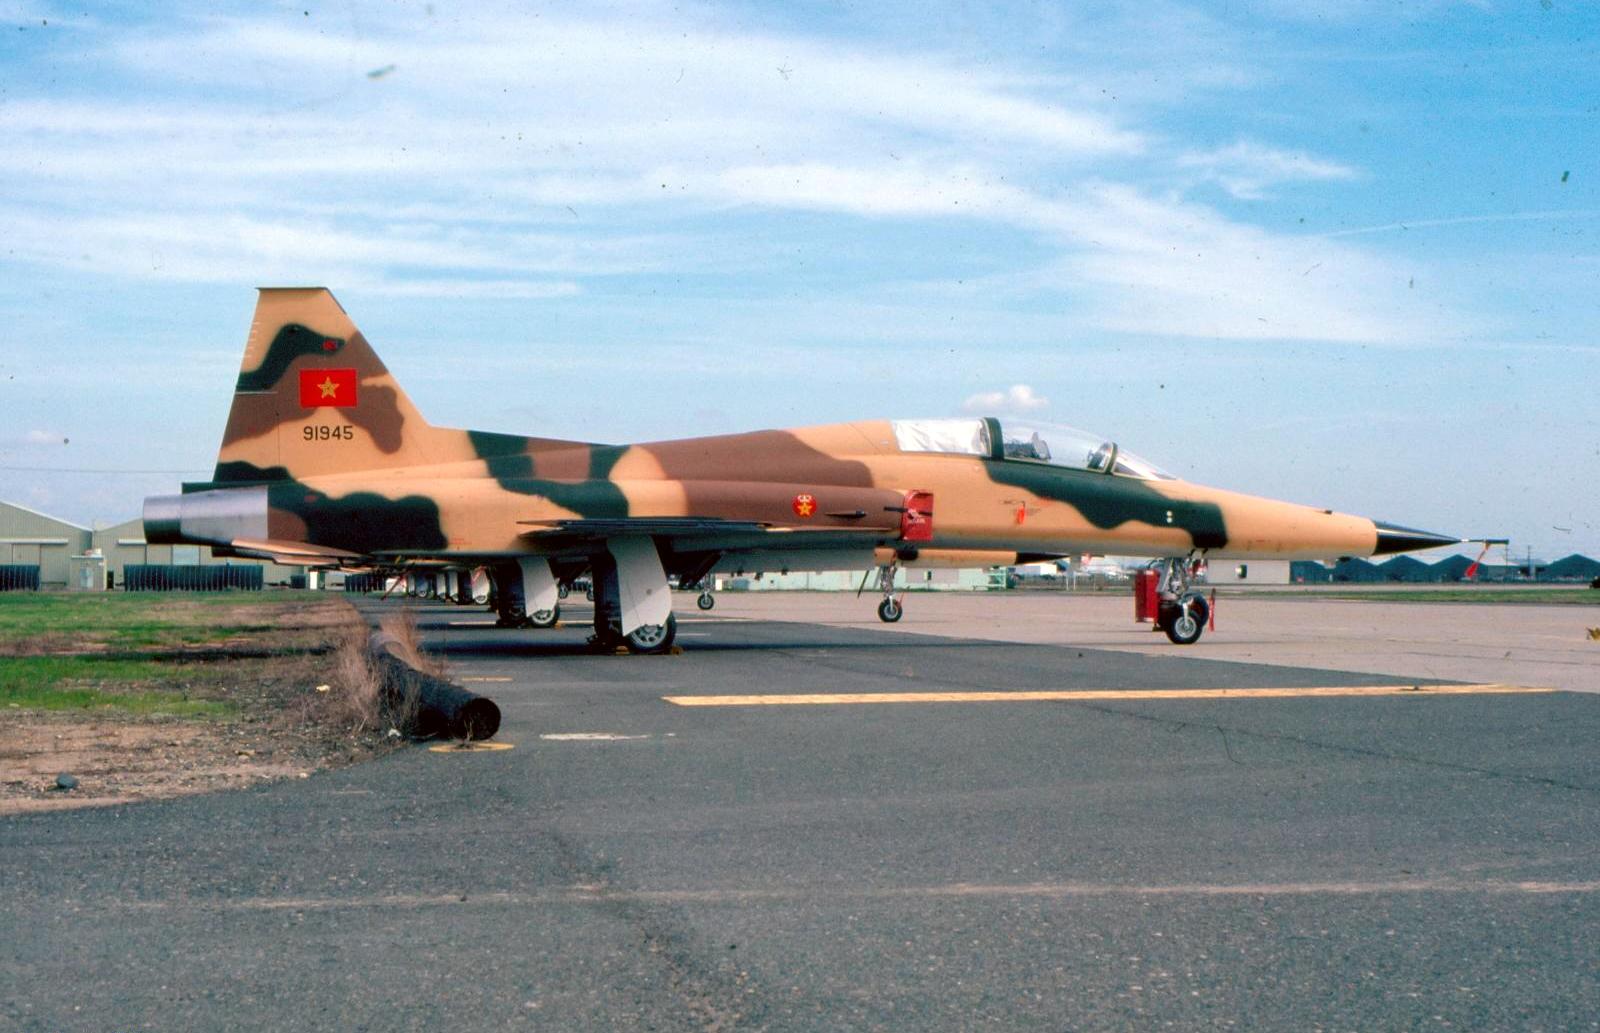 القوات الجوية الملكية المغربية - متجدد - - صفحة 2 150720052456504558